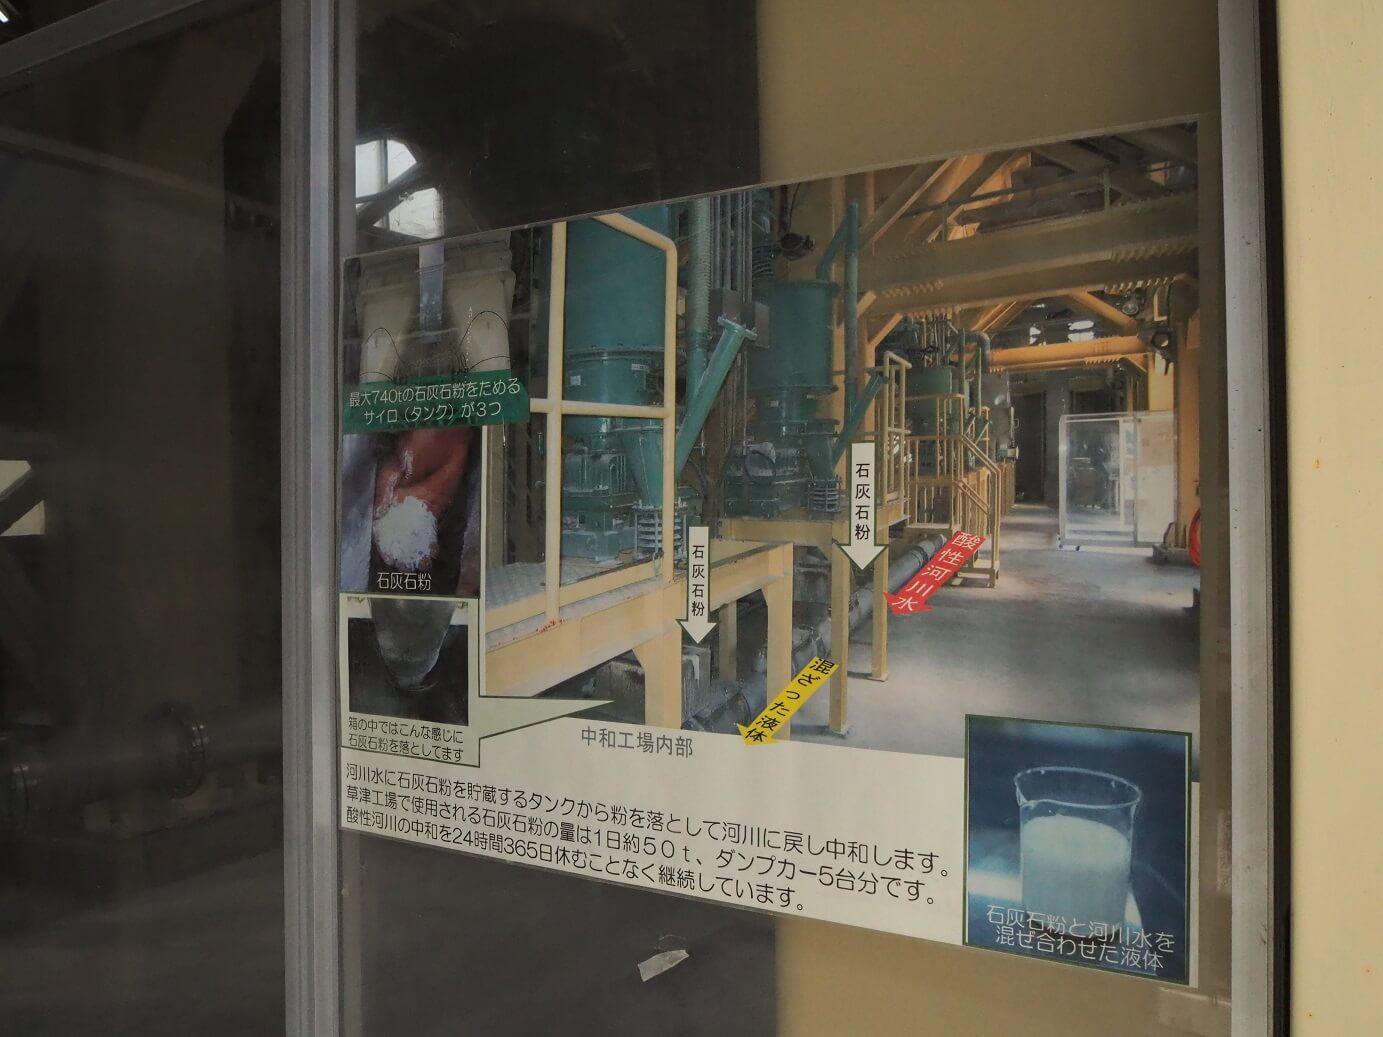 奈良俣ダム 風景